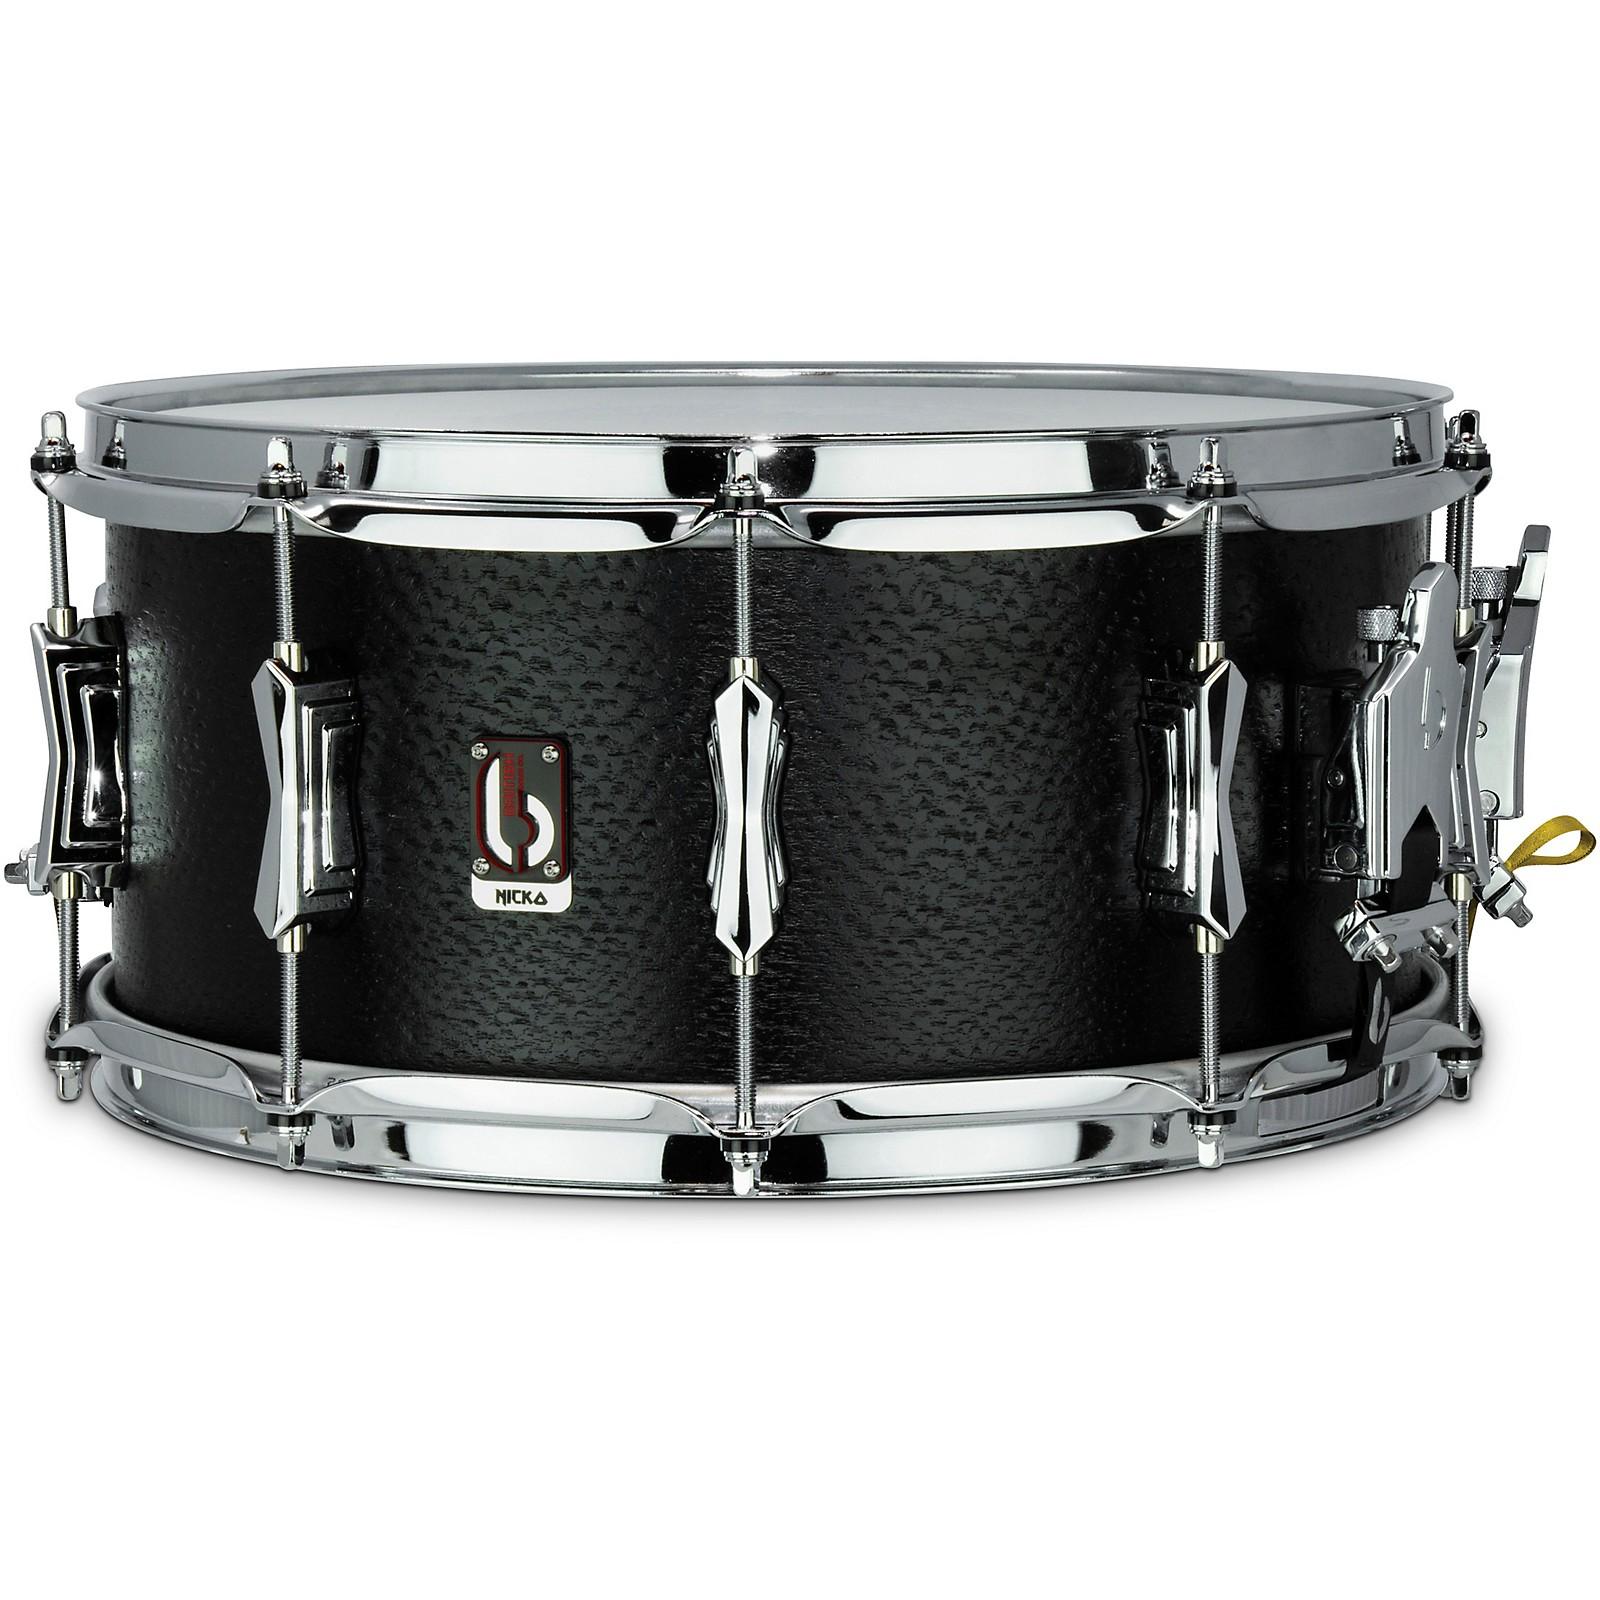 British Drum Co. Nicko McBrain Icarus Signature Snare Drum